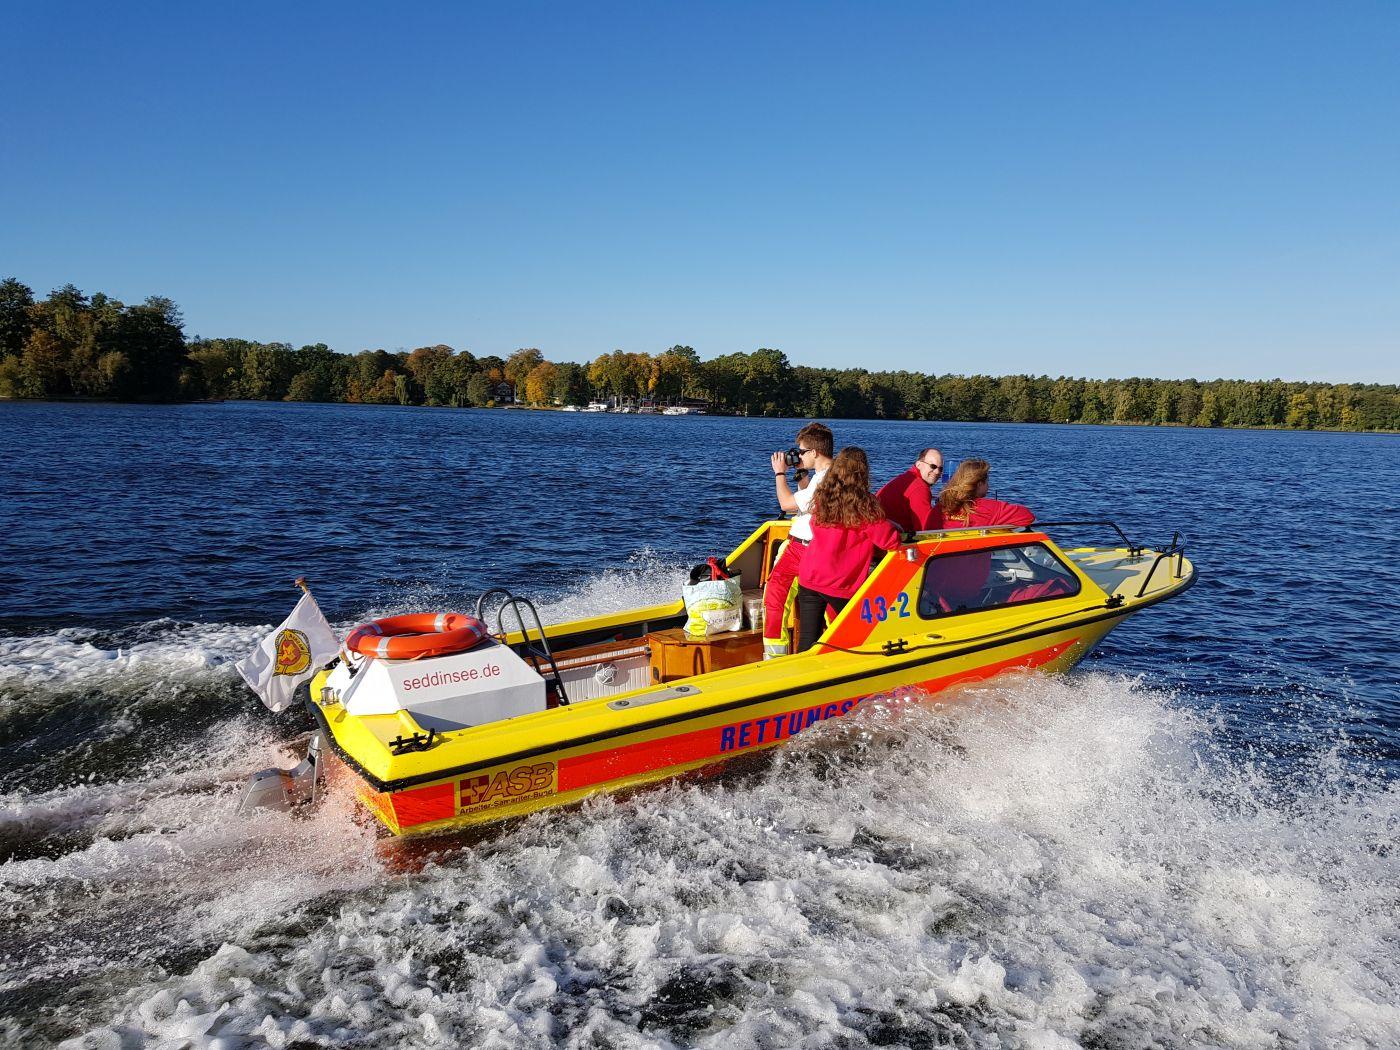 große Übung der angehenden Bootsführer